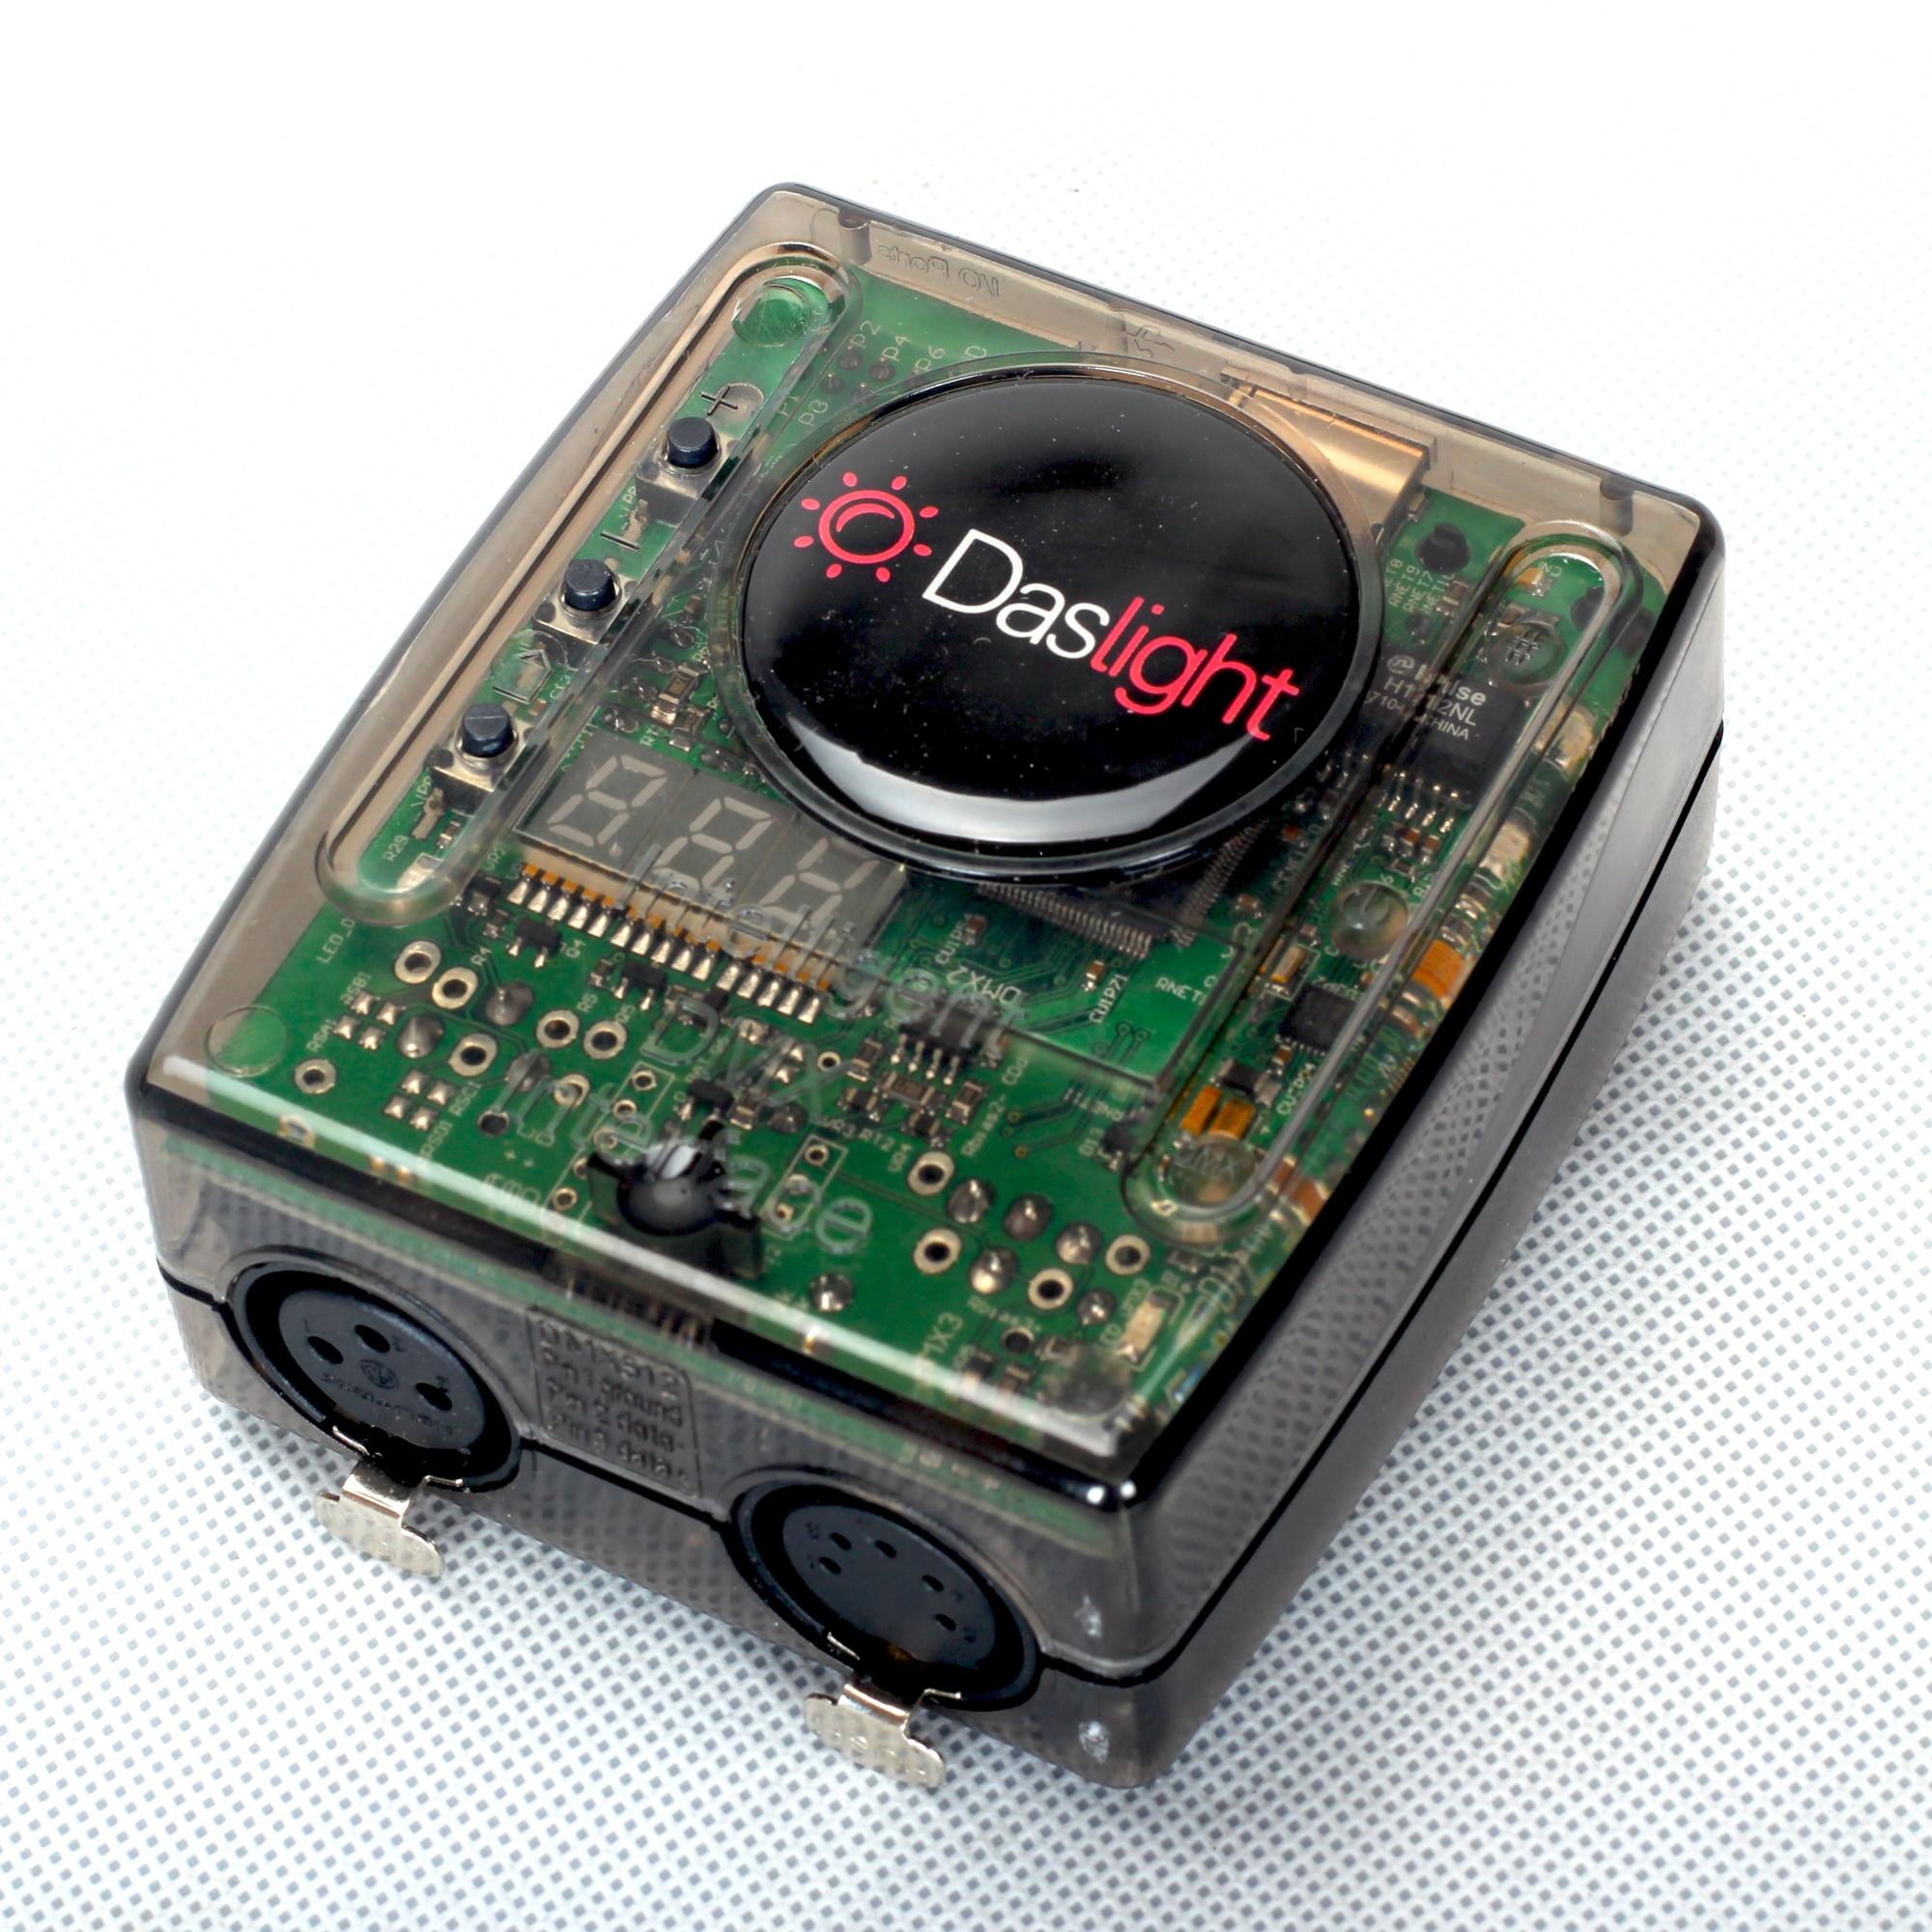 2019 nouvelle Version Daslight DVC 4 GZM logiciel d'éclairage de scène interface dmx USB DMX512 1024 contrôleur pour disco dj lumière